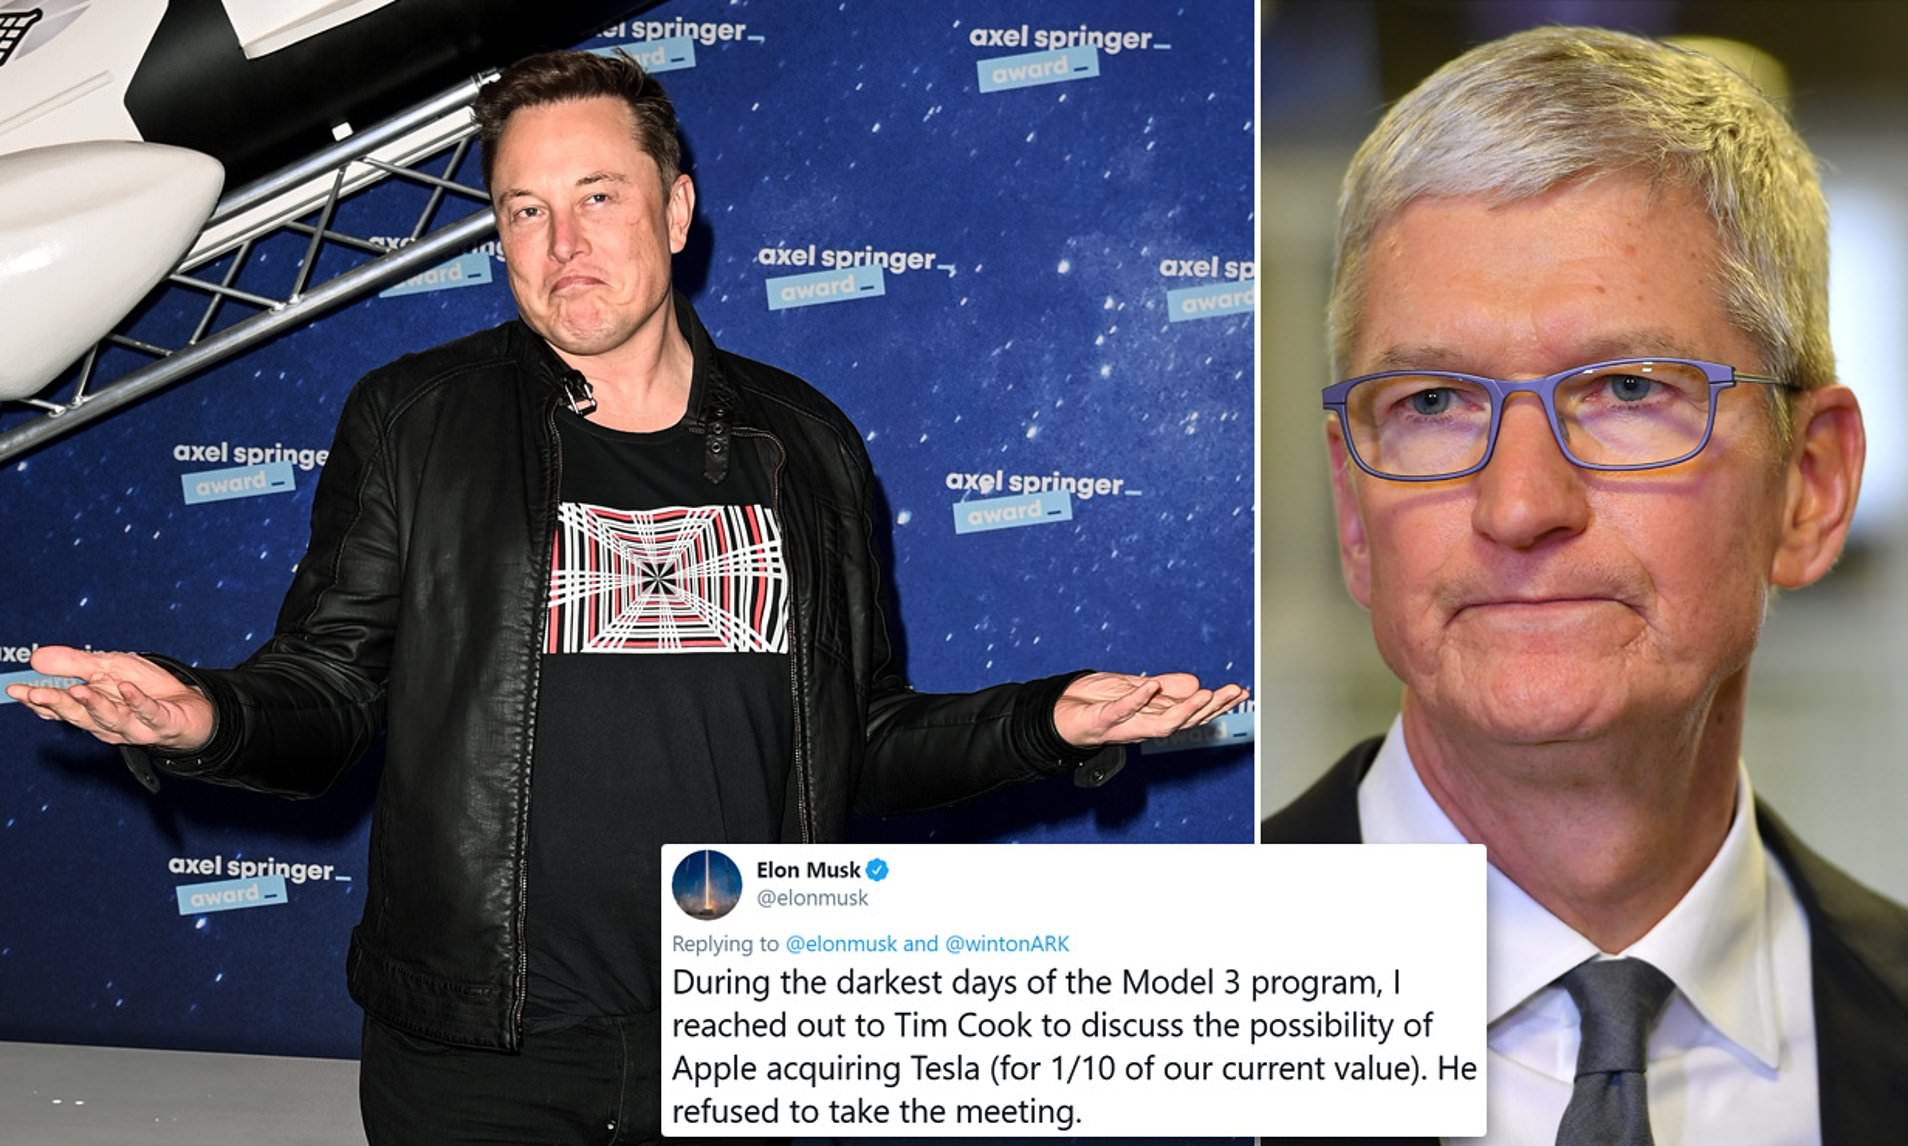 Elon Musk és Tim Cook egymás mellett, illetve az eladási szándékkal kapcsolatos Twitter-bejegyzés